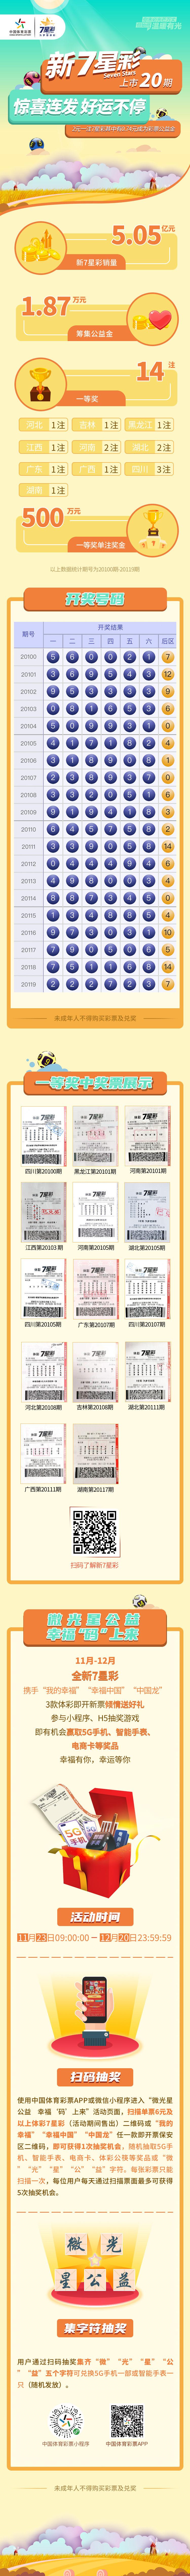 【微博版】11月29日发布长图-新7星彩上市20期惊喜盘点_副本.jpg